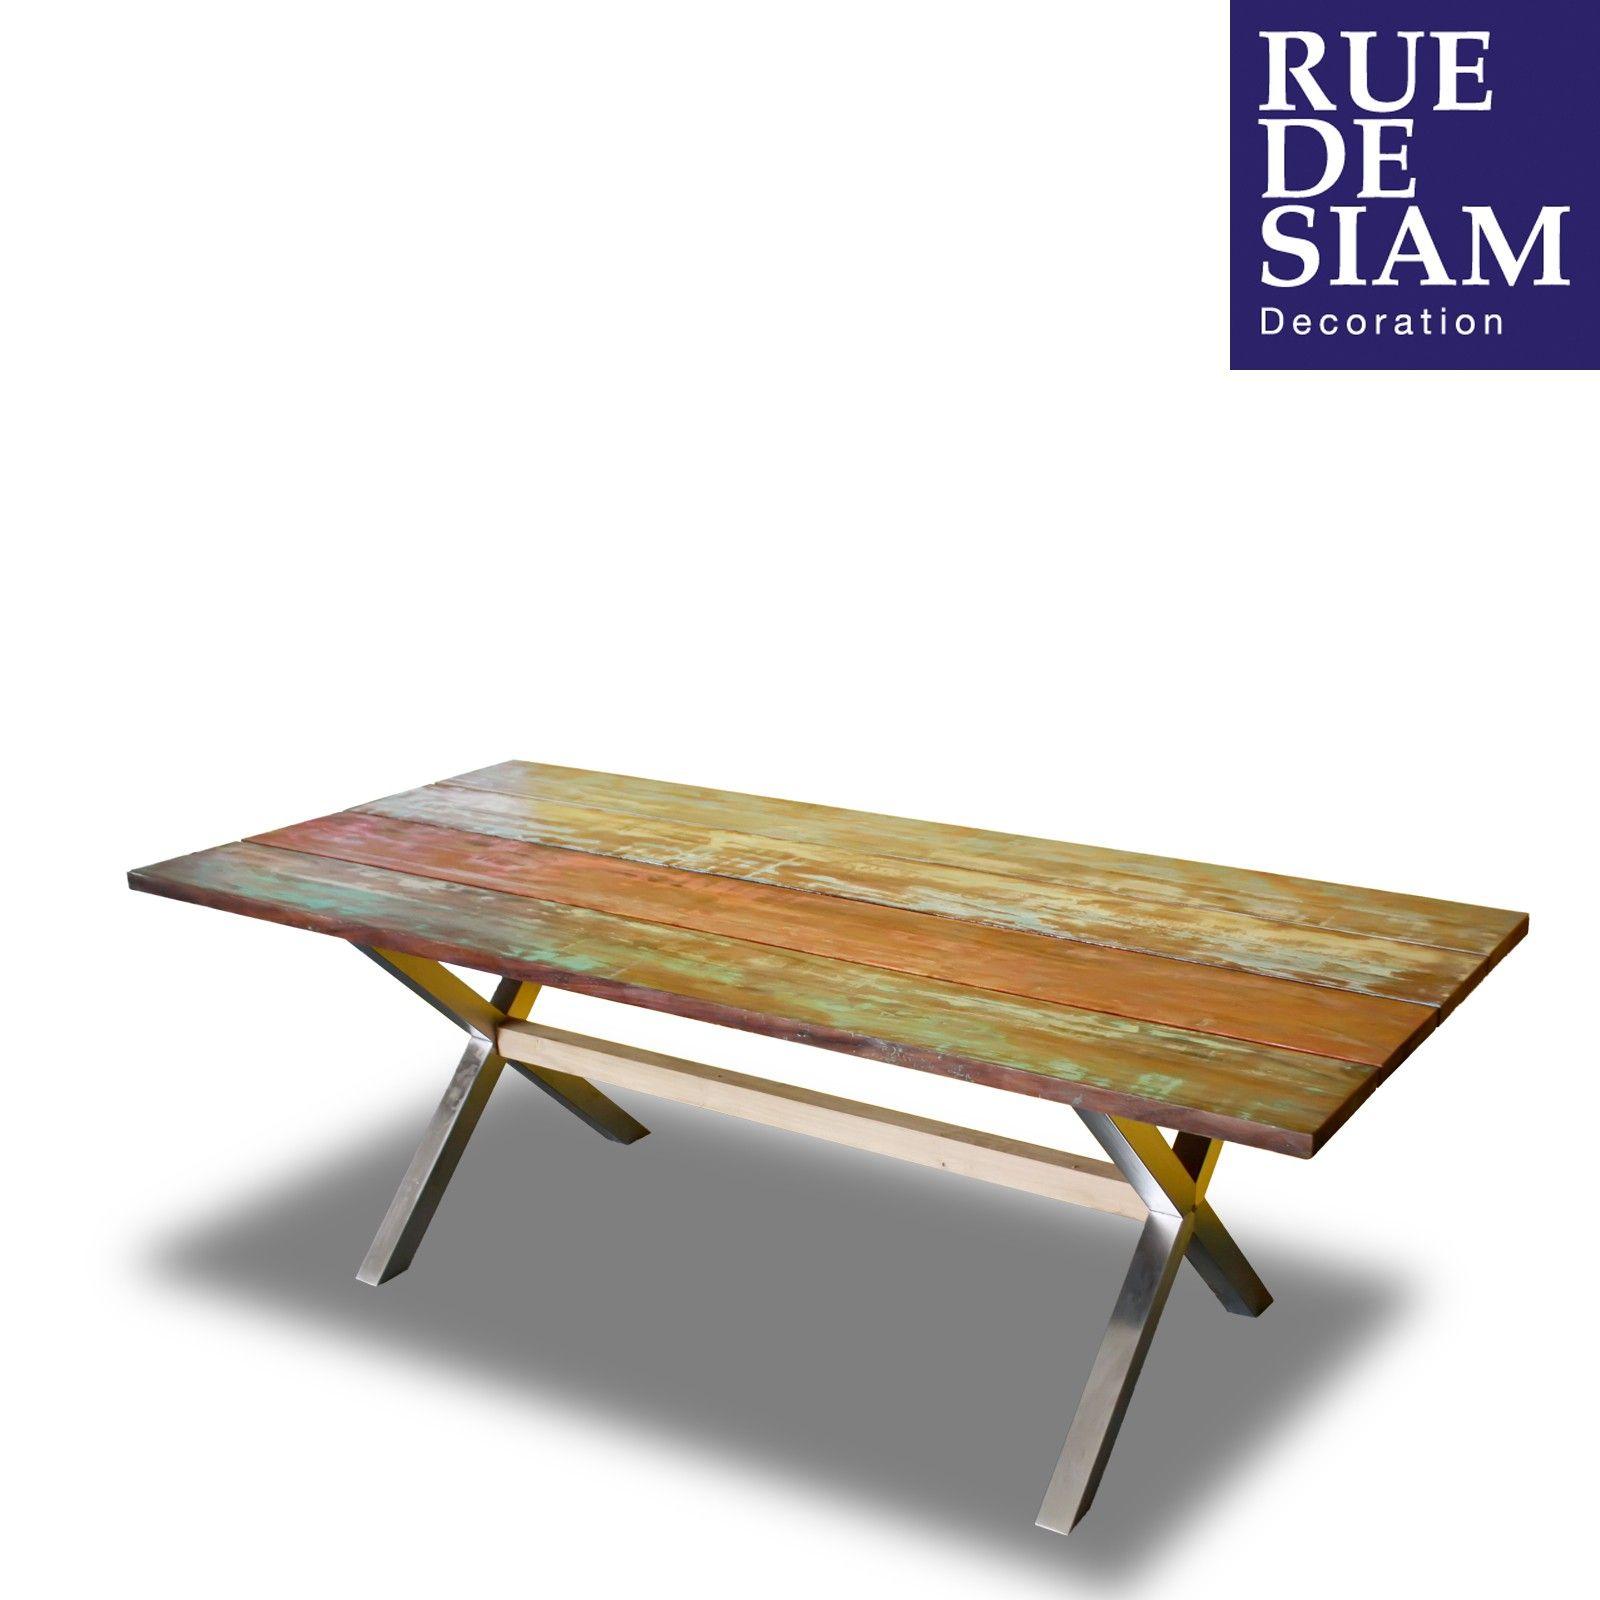 Très belle table de jardin élégante, fonctionnelle. Le plateau est ...